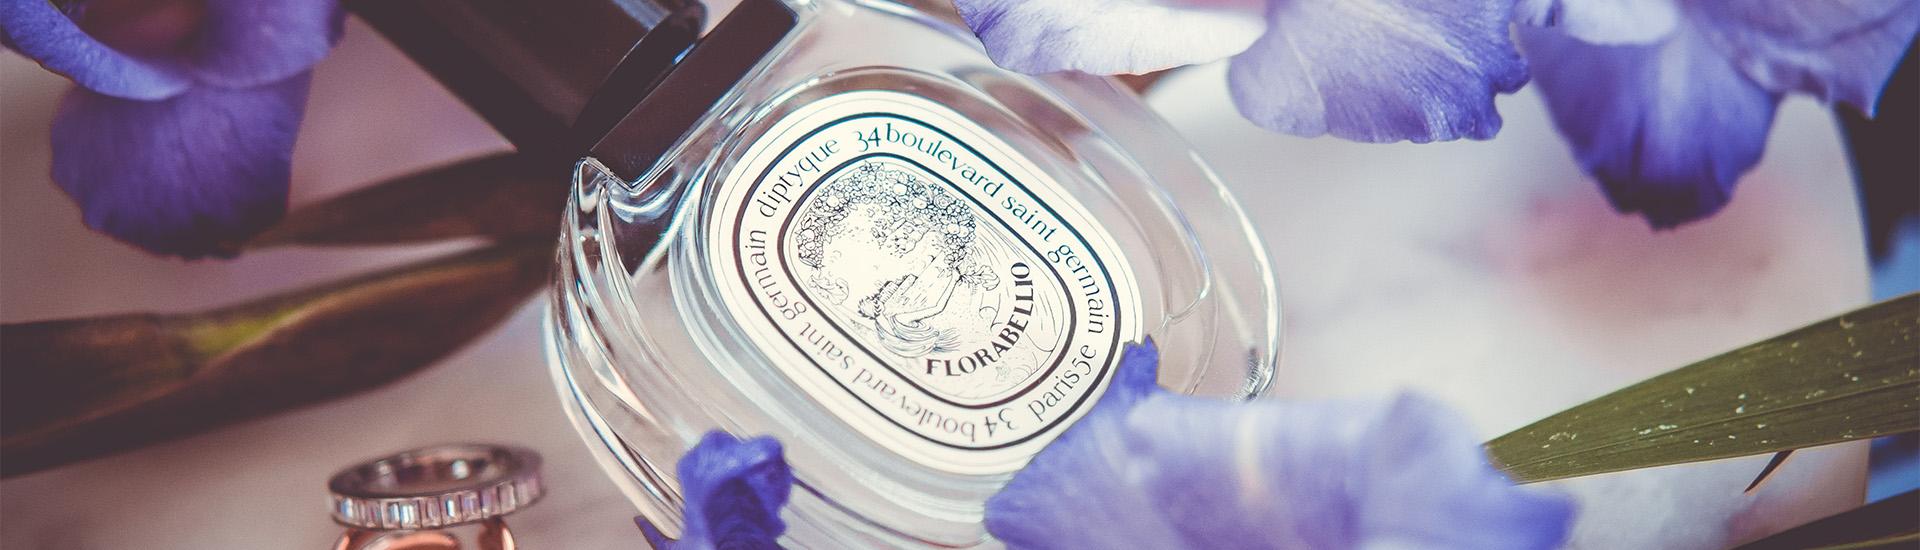 Калейдоскоп парфюмерных противоположностей: Florabellio Diptyque